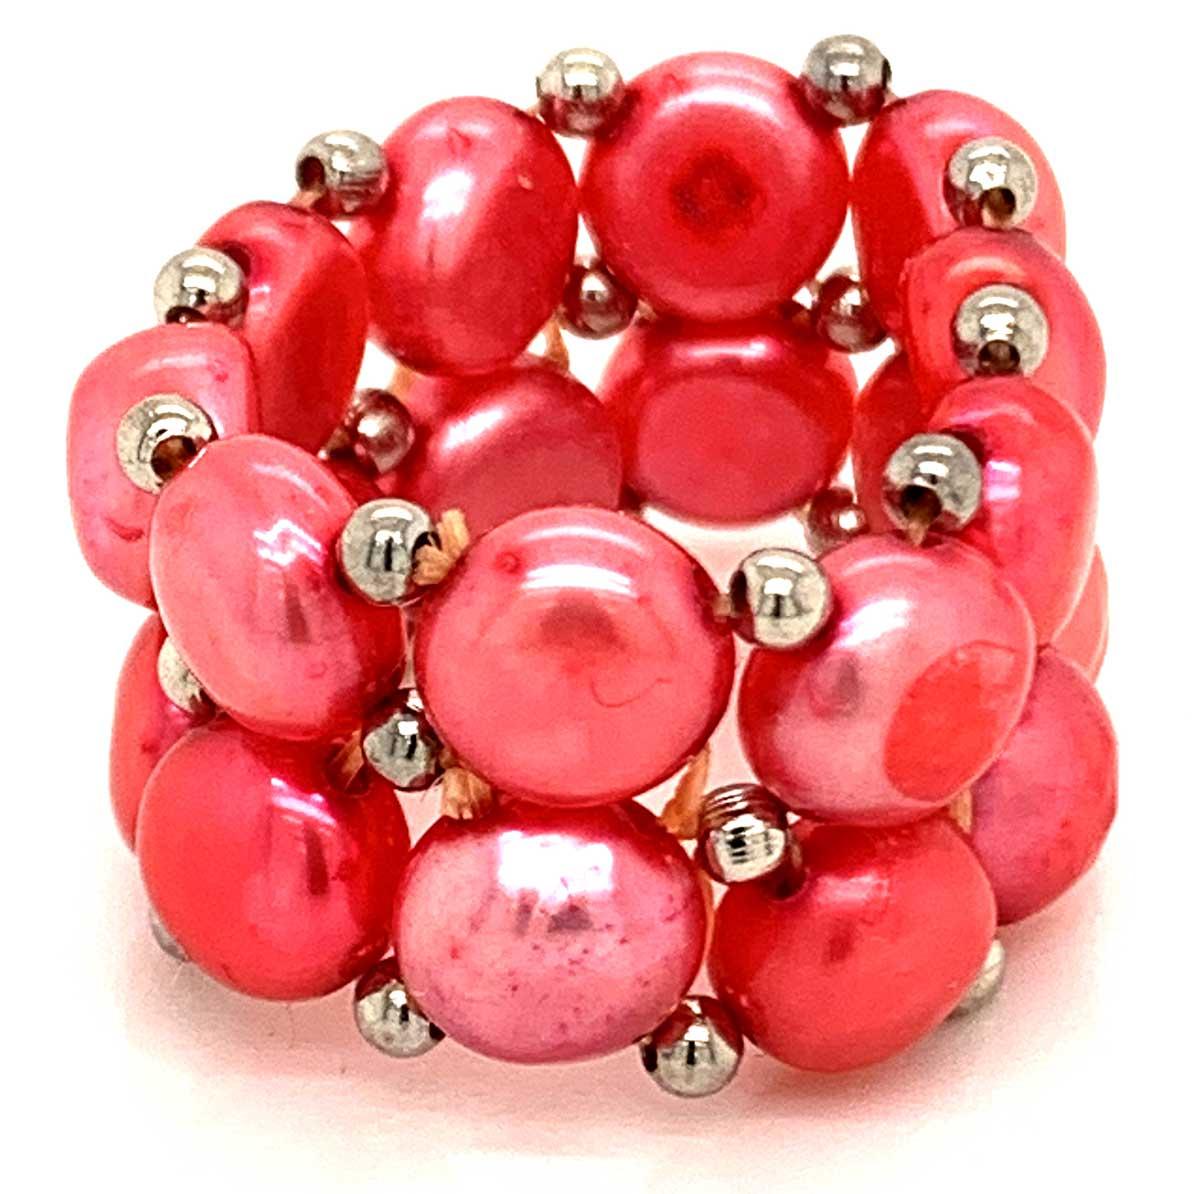 Lassen Sie sich diese Gelegenheit nicht entgehen. In aufwendiger Handarbeit wurden die Perlen für diesen exquisite Süßwasser Perlenring auf Gummi-Band gezogen.